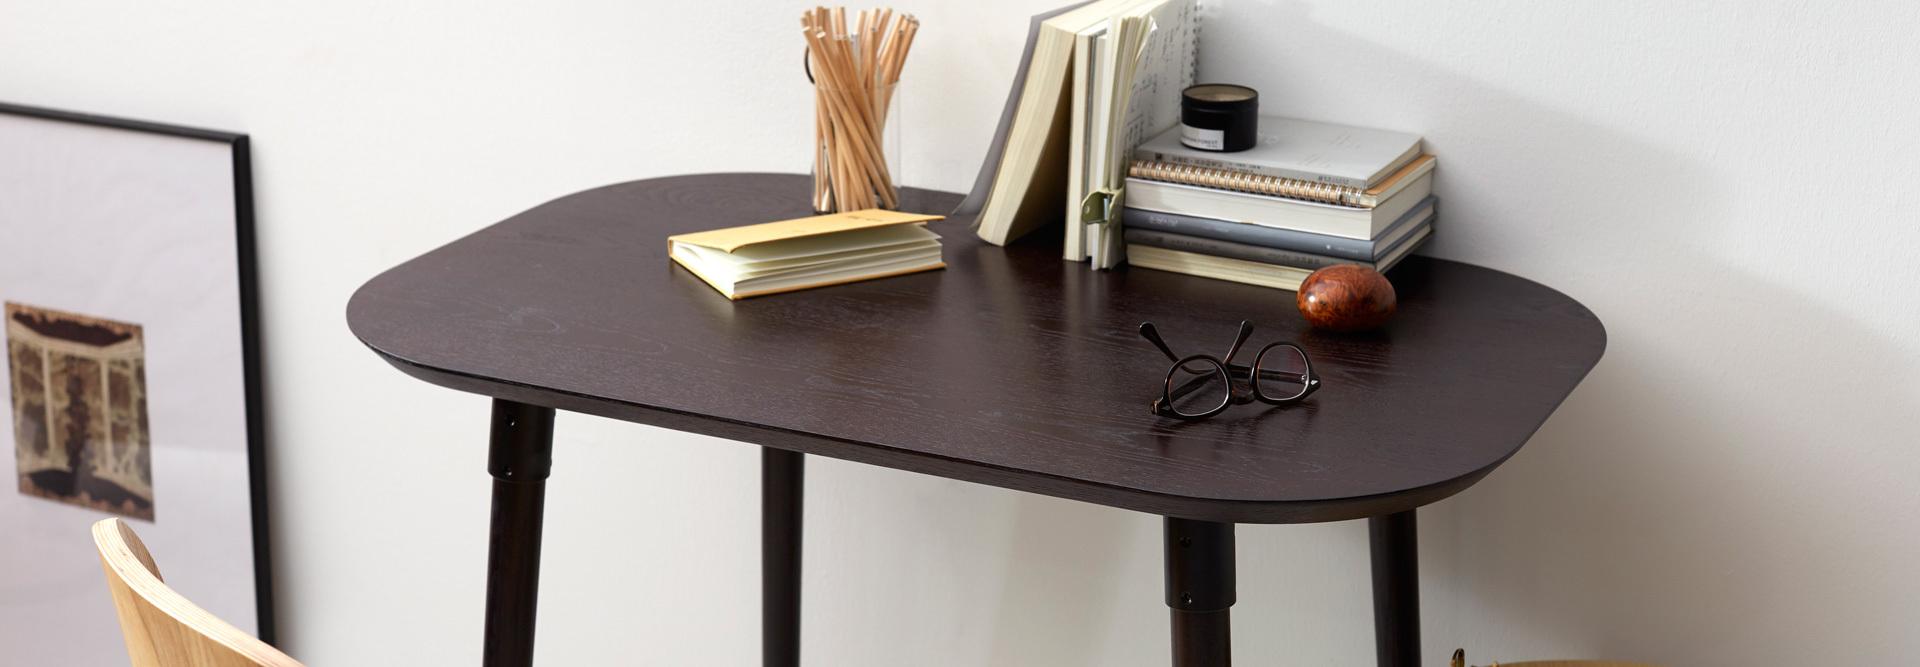 轻量含蓄单人桌,独处也优雅